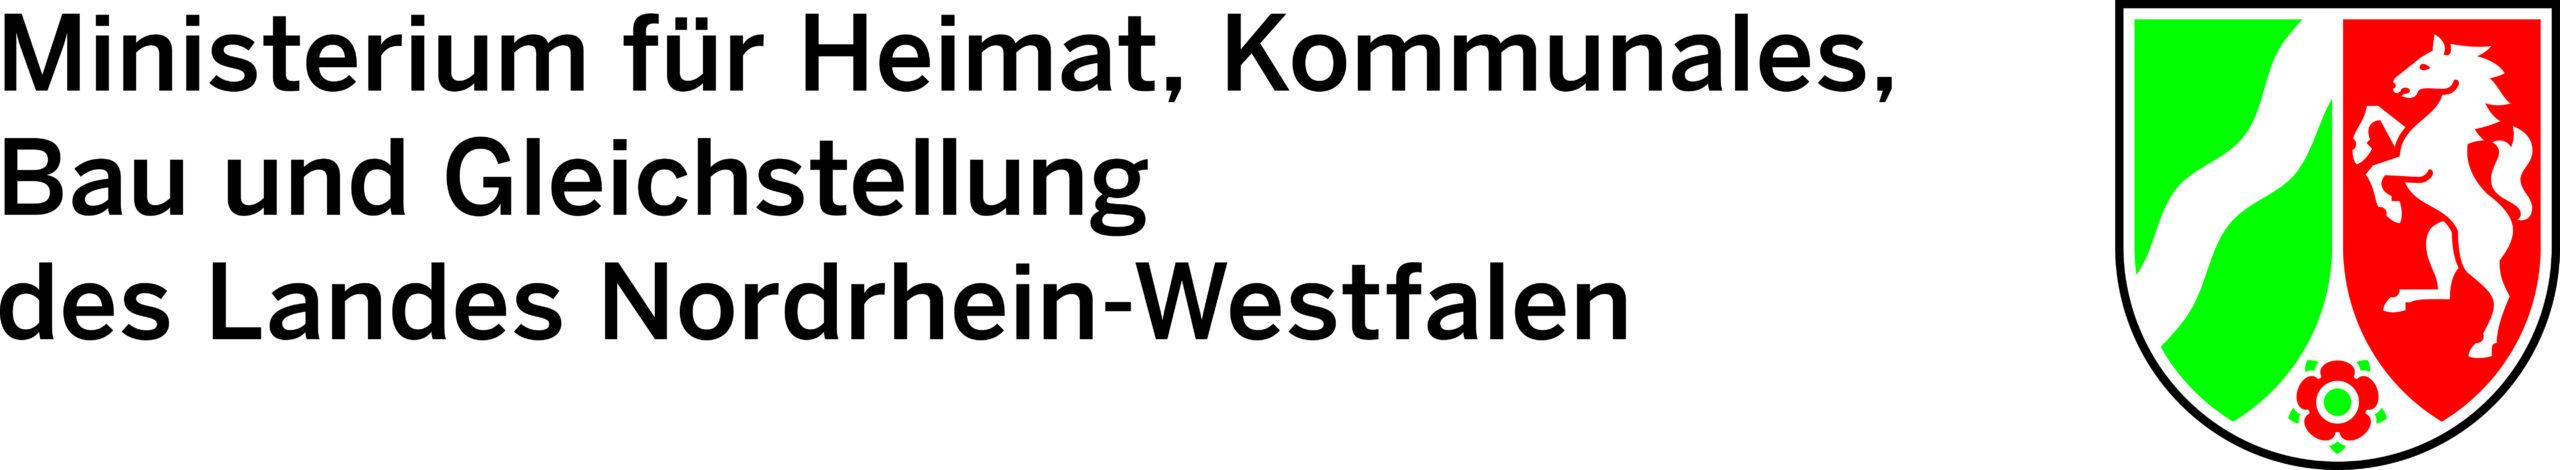 NRW_MHKBG_Farbig_RGB